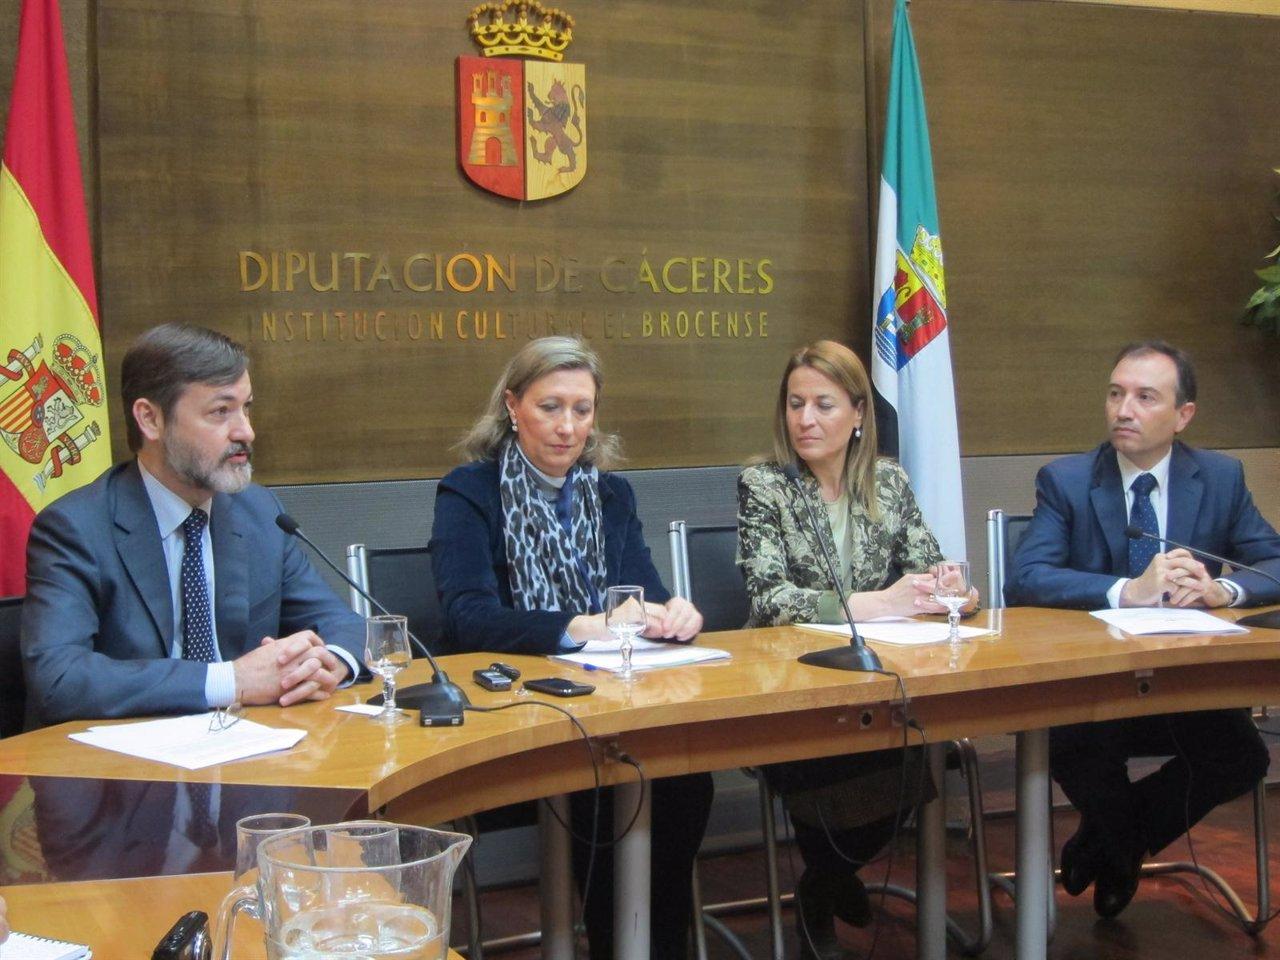 Presentación De La Reunión De Directores Del Instituto Cervantes En Cáceres